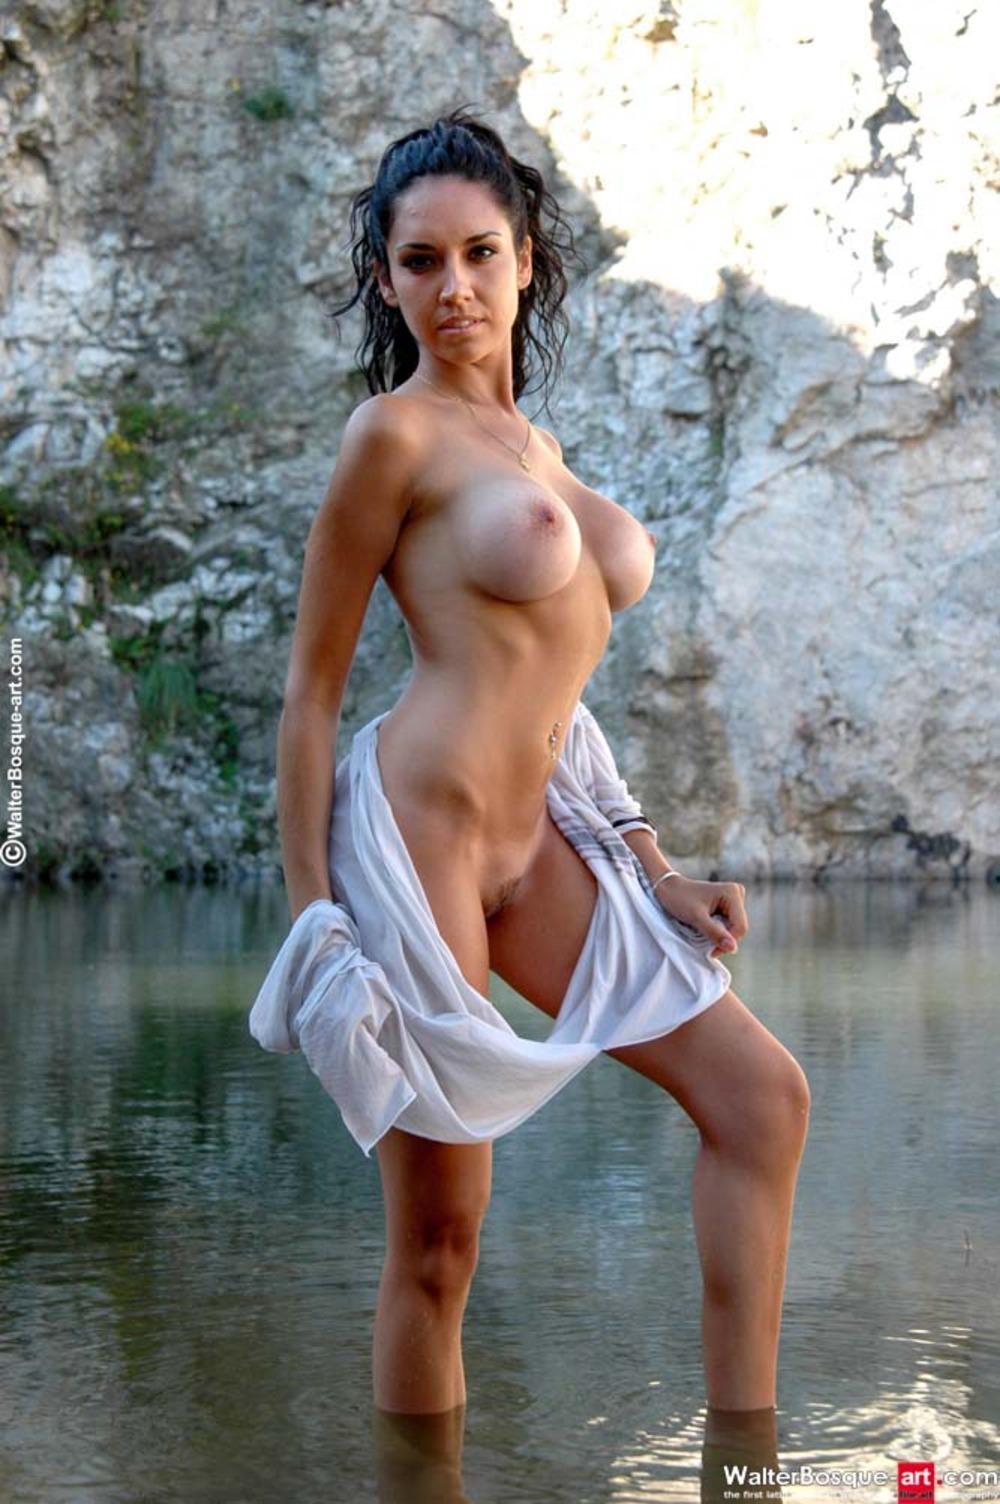 poddelnoe-porno-foto-irini-muromtsevoy-kak-igrat-palchikom-pizdu